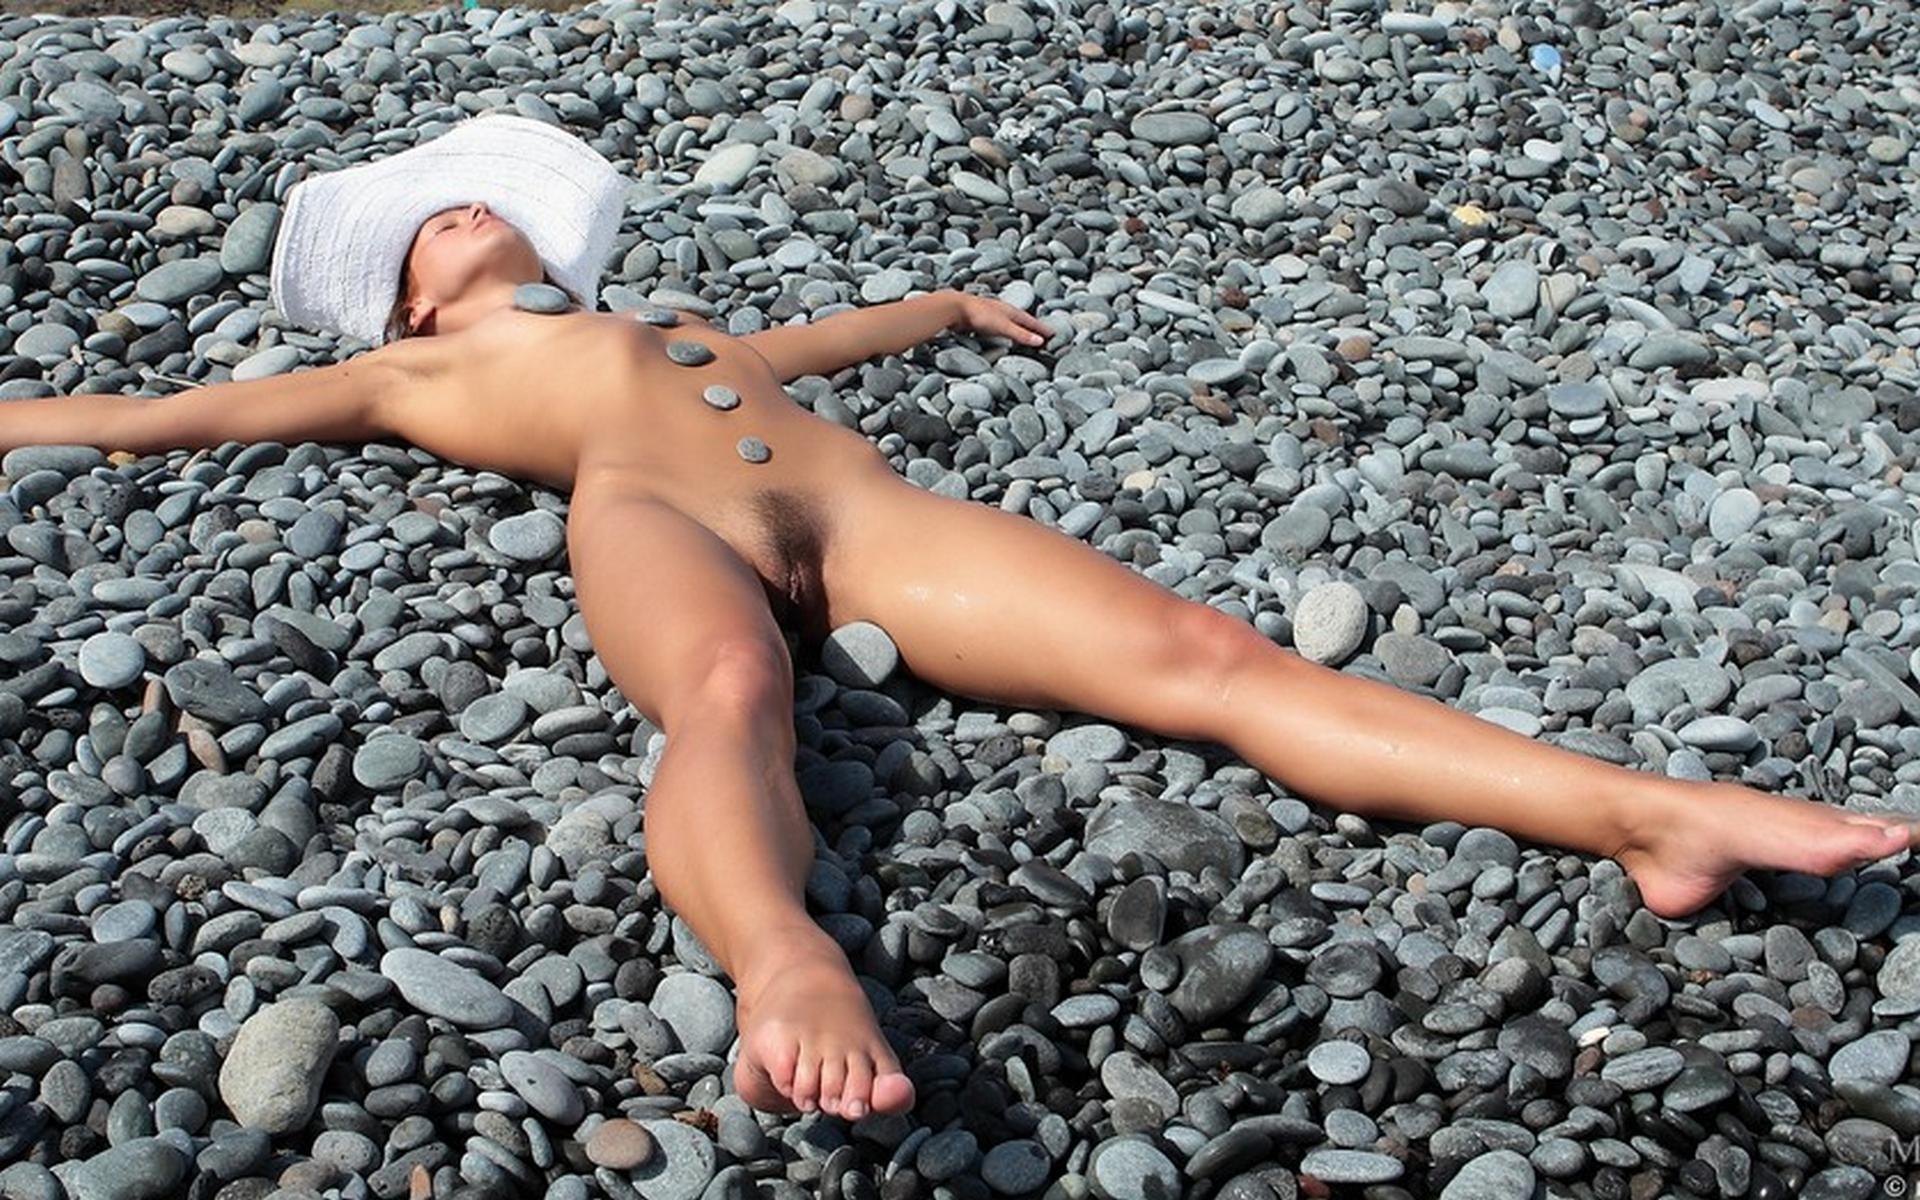 Фото голые девушки в шляпках 10 фотография